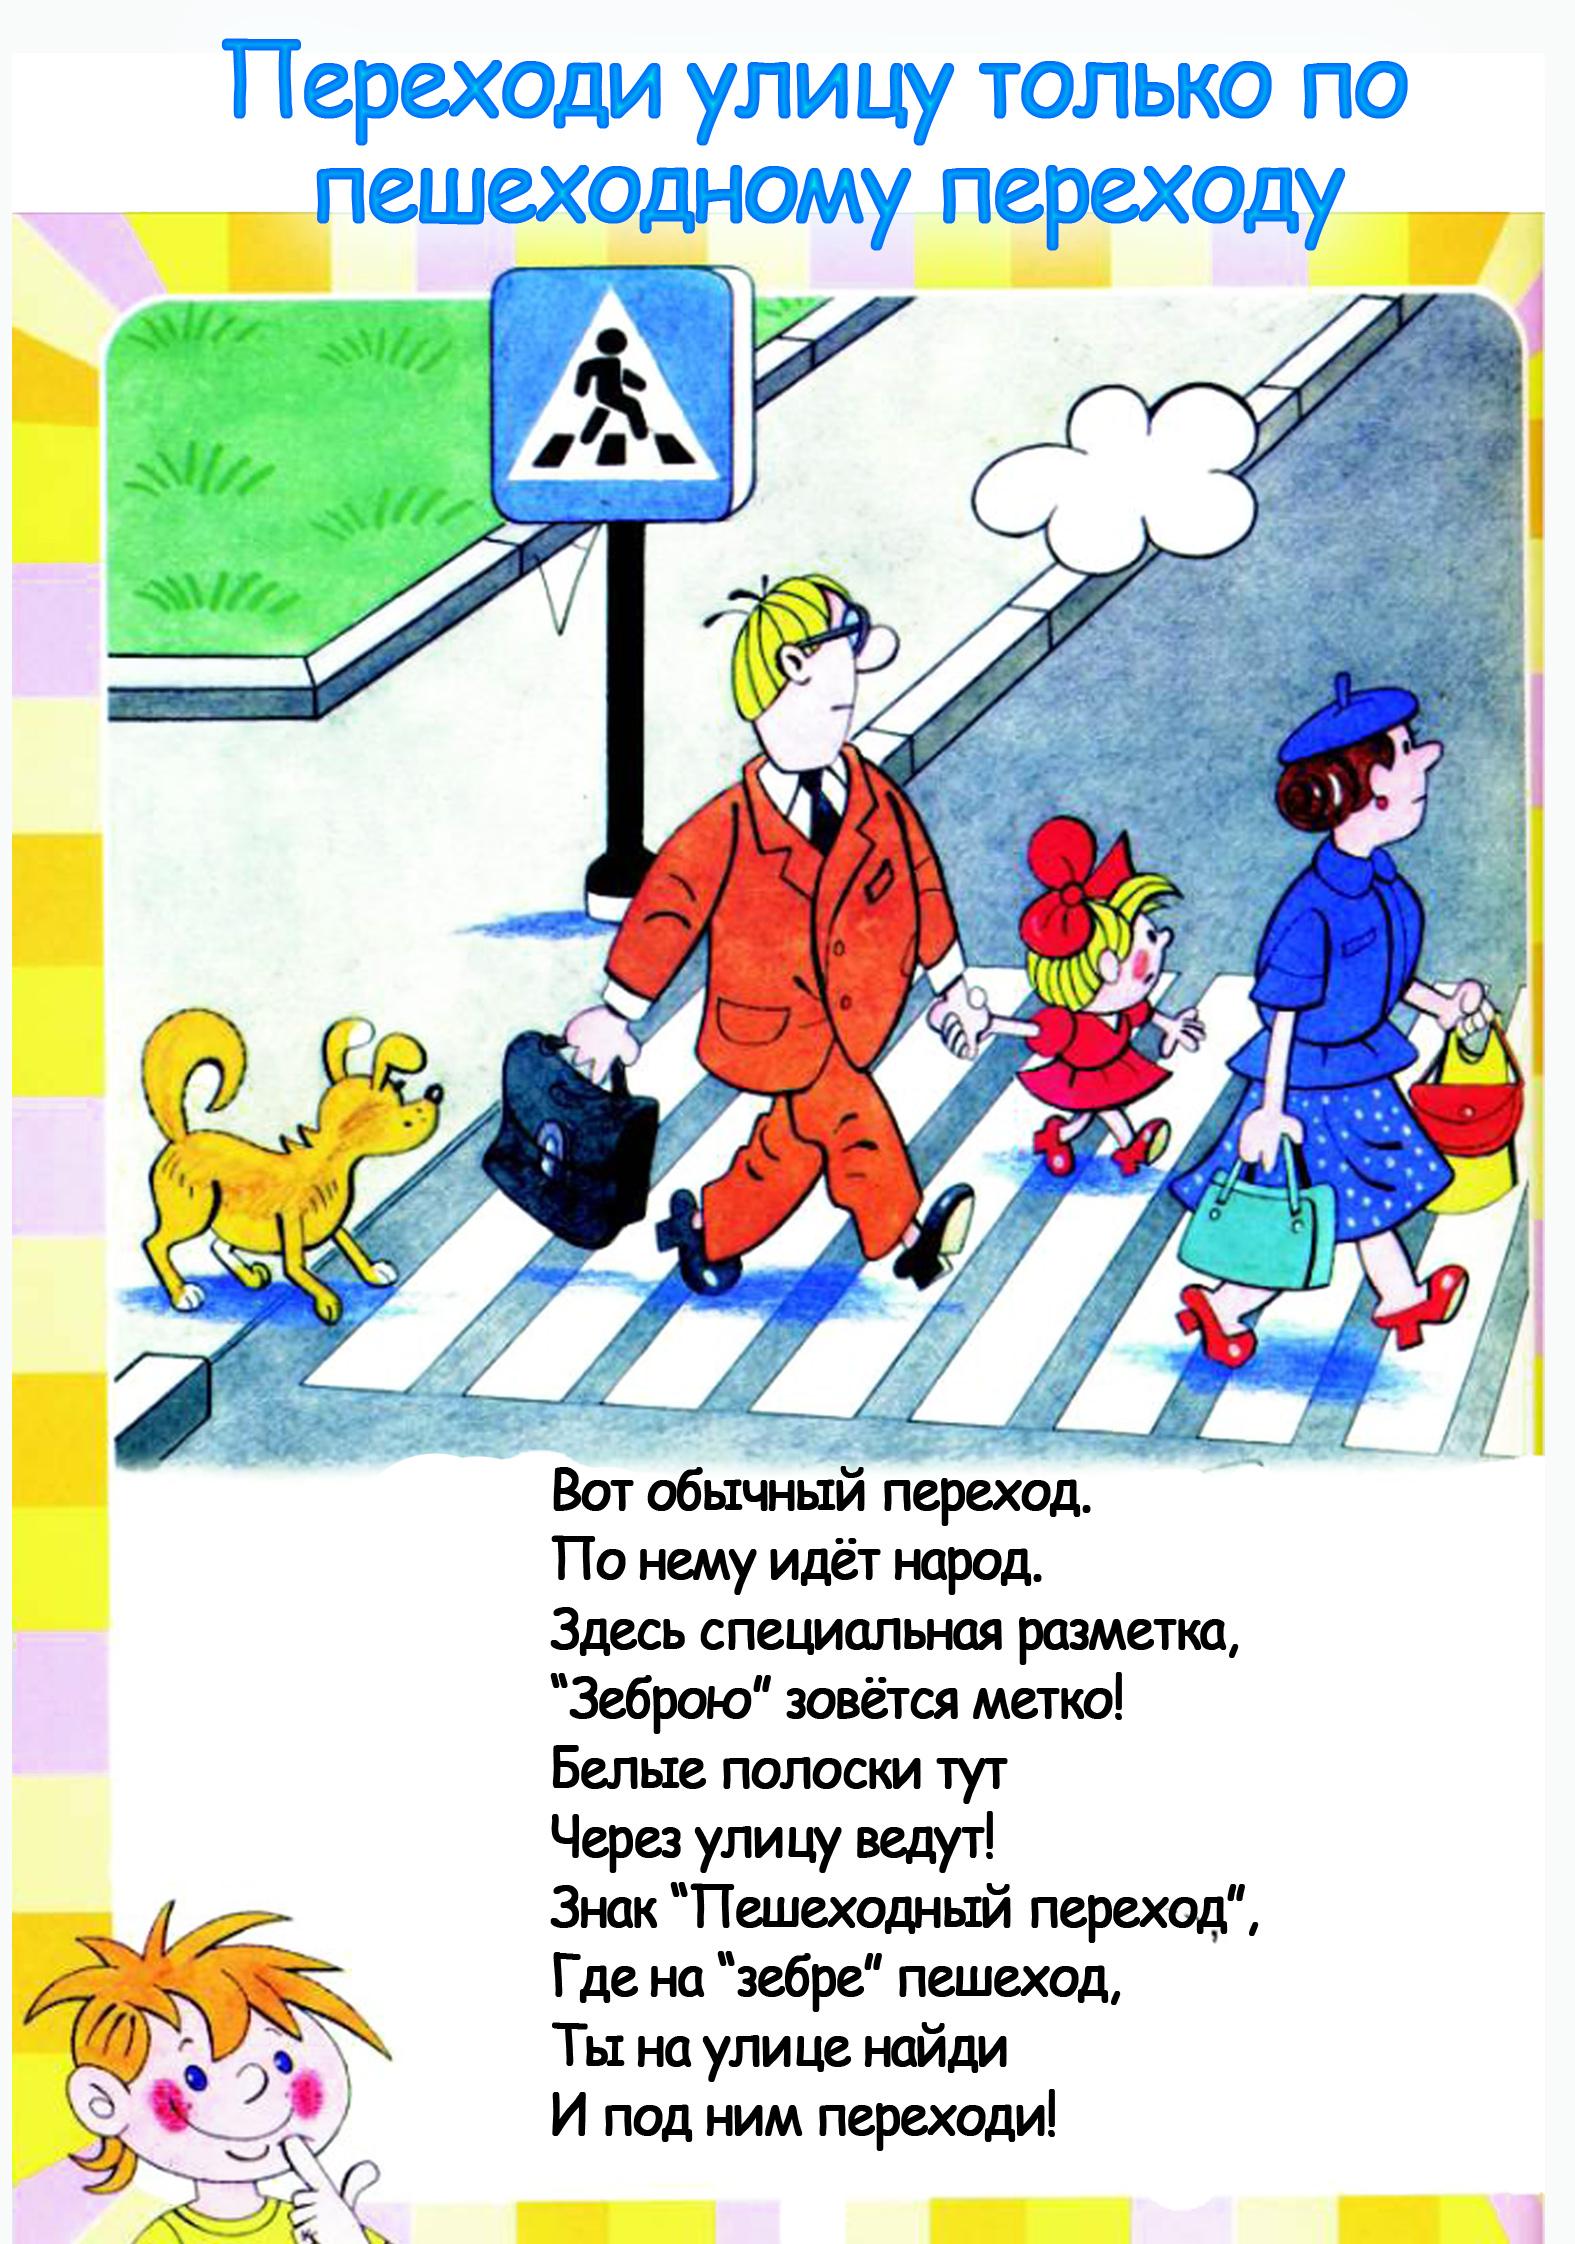 Картинки правило дорожного движения для школы 10